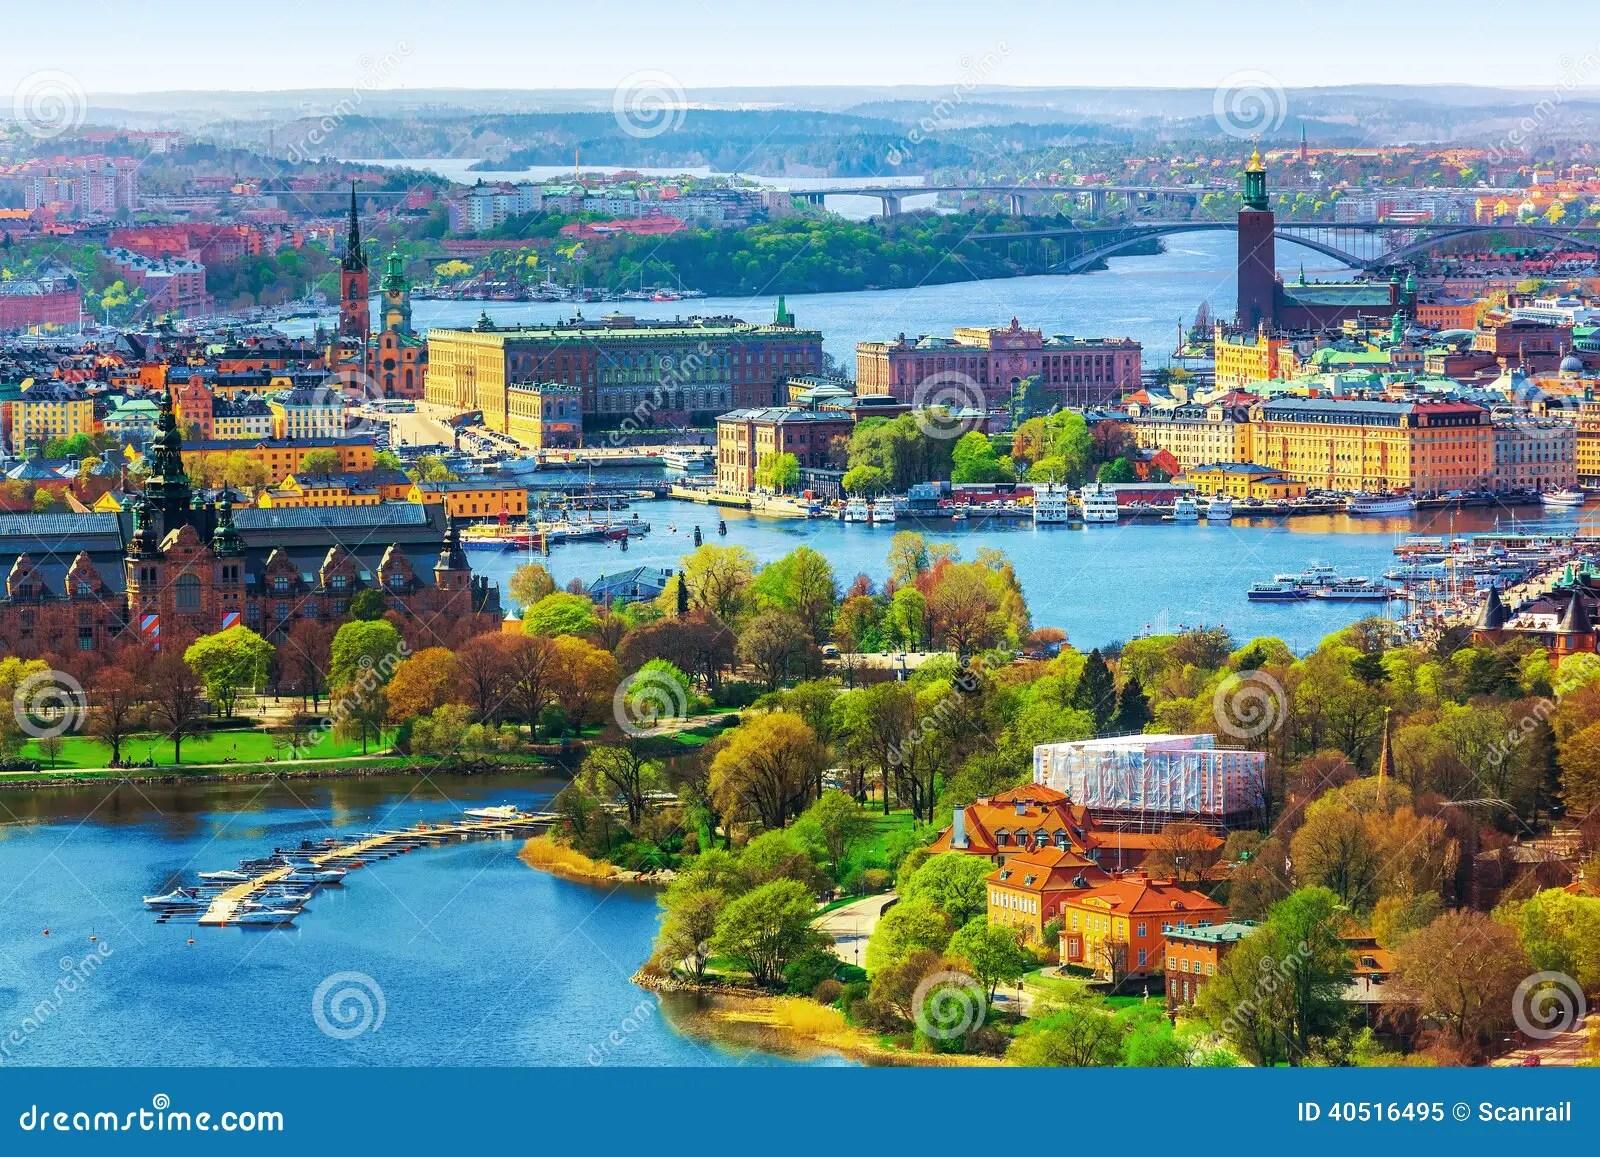 Panorama Aereo Di Stoccolma Svezia Immagine Stock  Immagine di corridoio vecchio 40516495